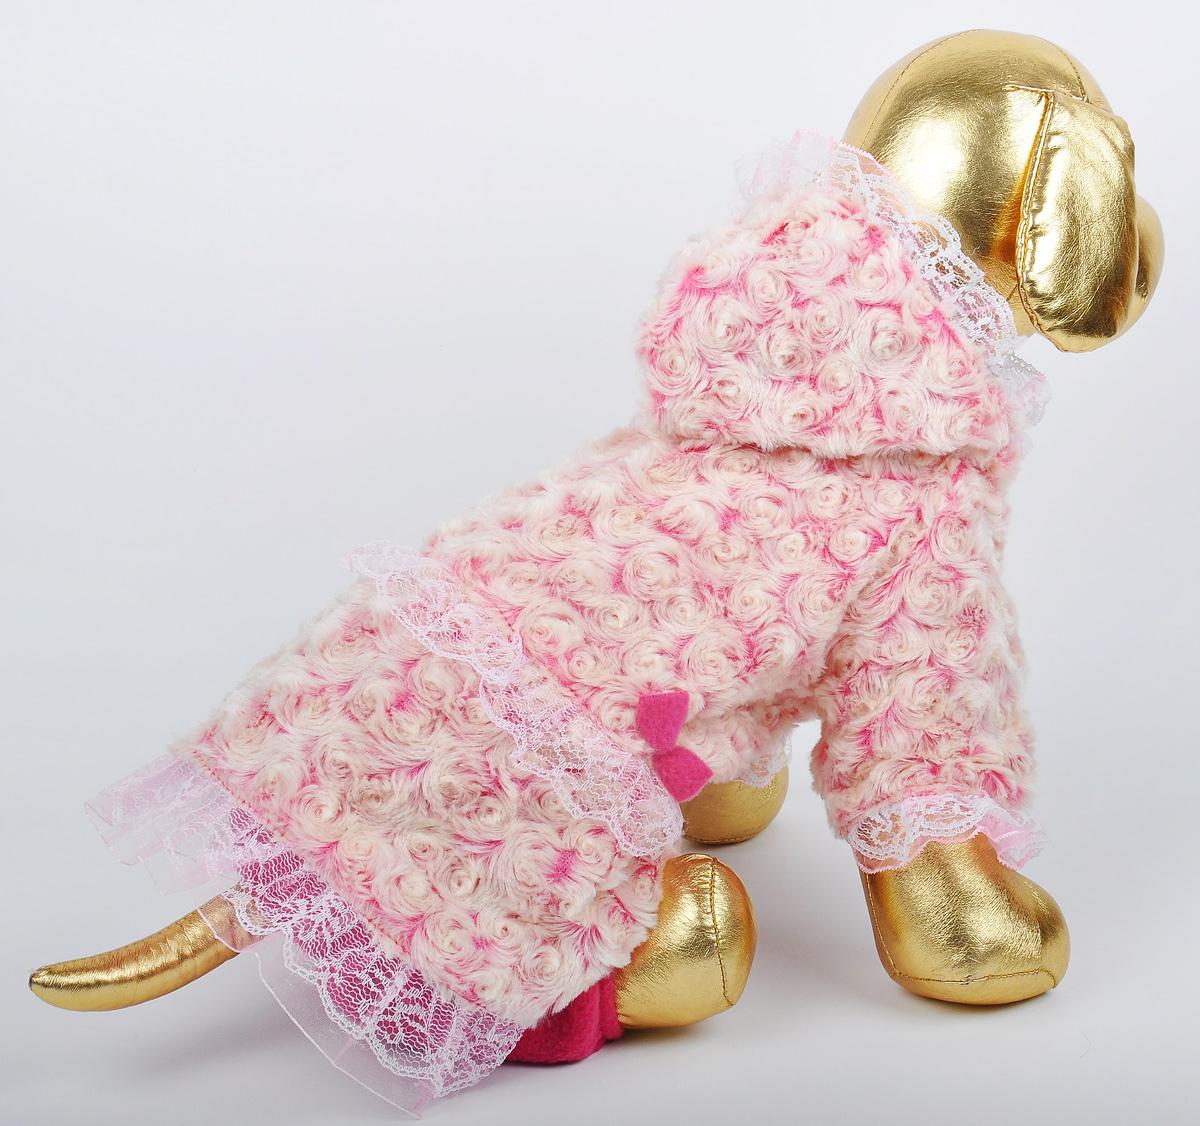 Шубка для собак GLG, цвет: розовый. Размер MMOS-025-MШубка для собак GLG выполнена из полиэстера и синтепона. Длинные рукава не ограничивают свободу движений, и собачка будет чувствовать себя в нем комфортно. Изделие застегивается с помощью кнопок..Модная и невероятно удобная шубка защитит вашего питомца от прохладной погоды .Длина спины: 27-29 см Обхват груди: 37-39 см.